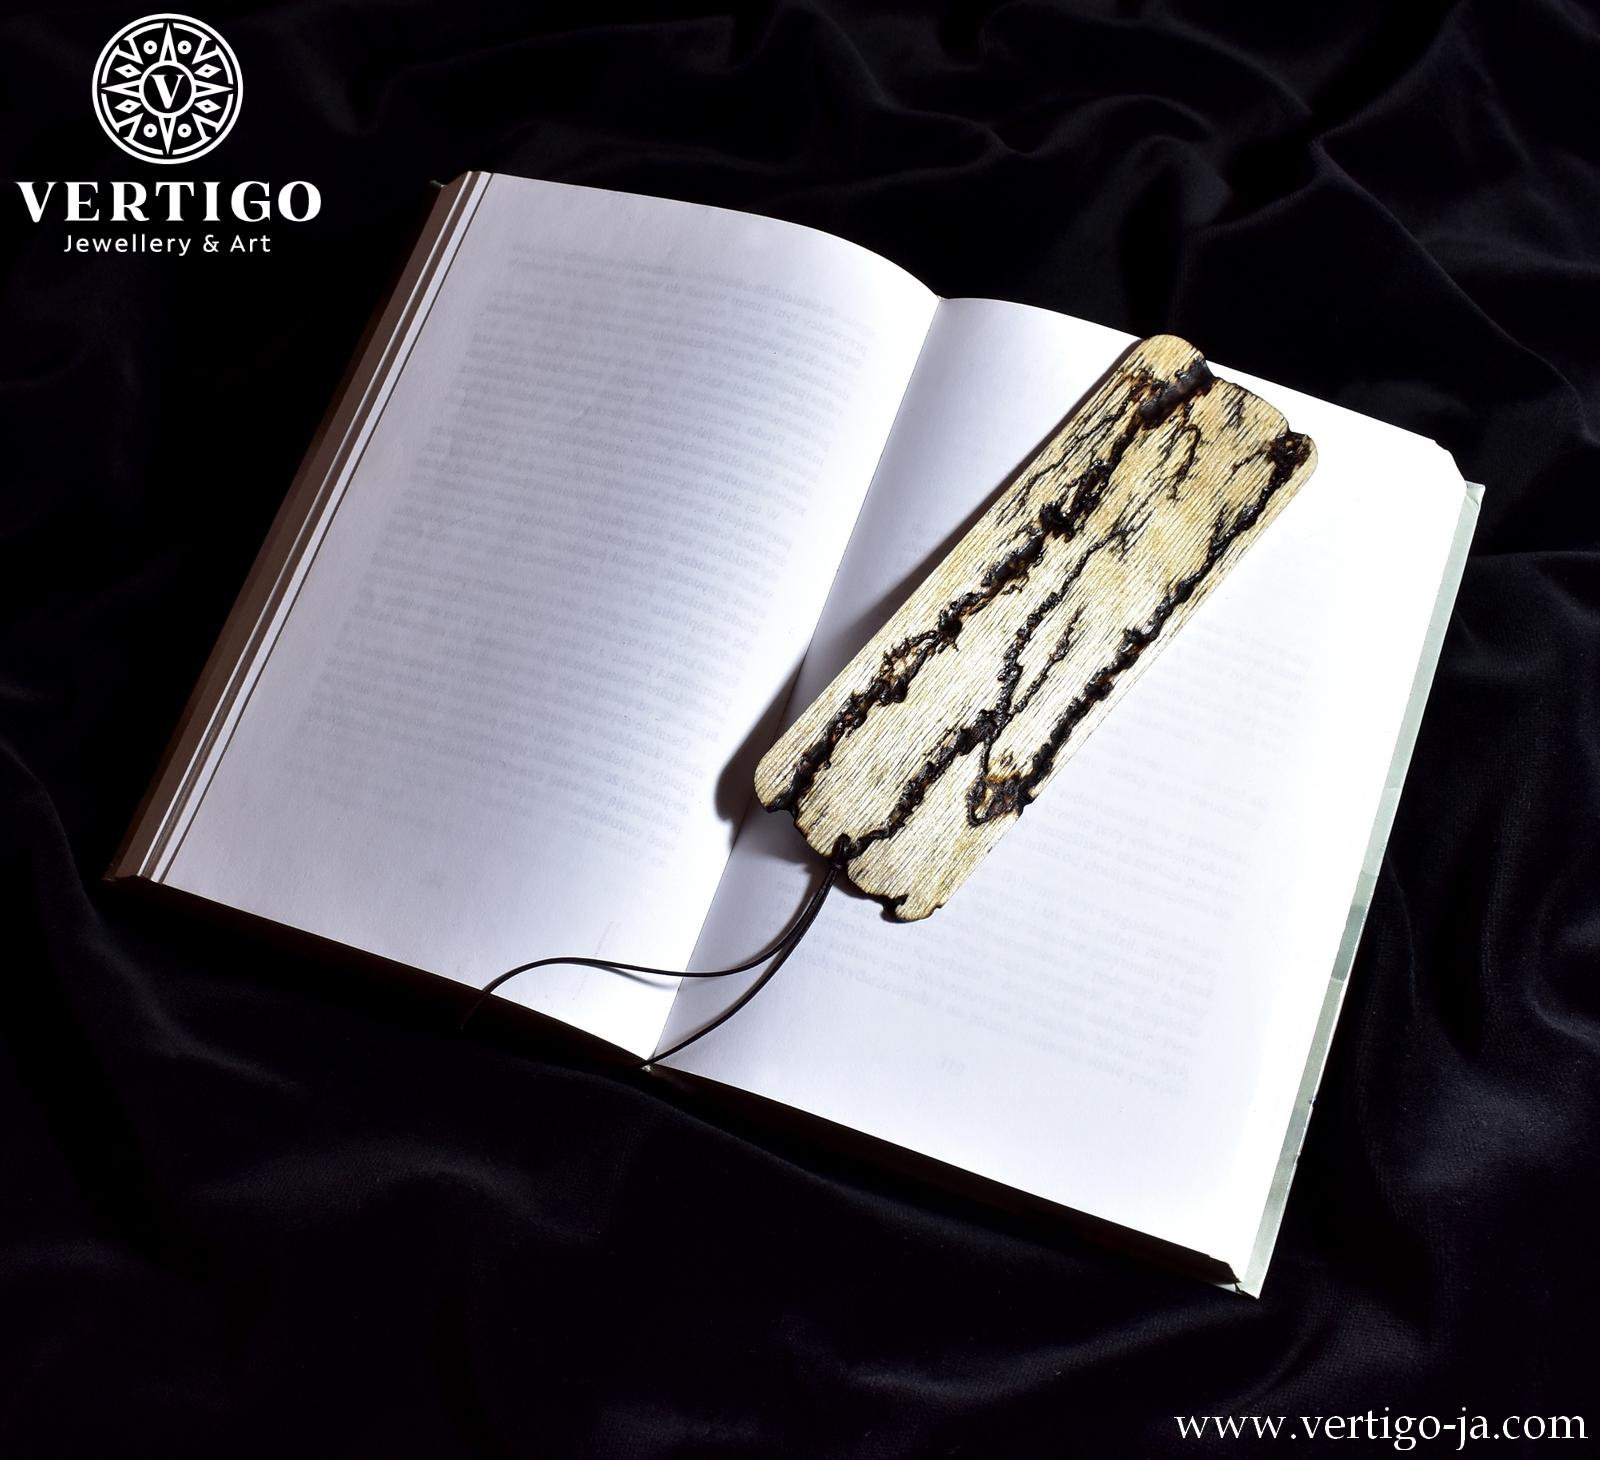 Drewniana zakładka do książki z figurami Lichtenberga - wypalana metoda Lichtenberga. zakończona skórzanym cienkim rzemykiem